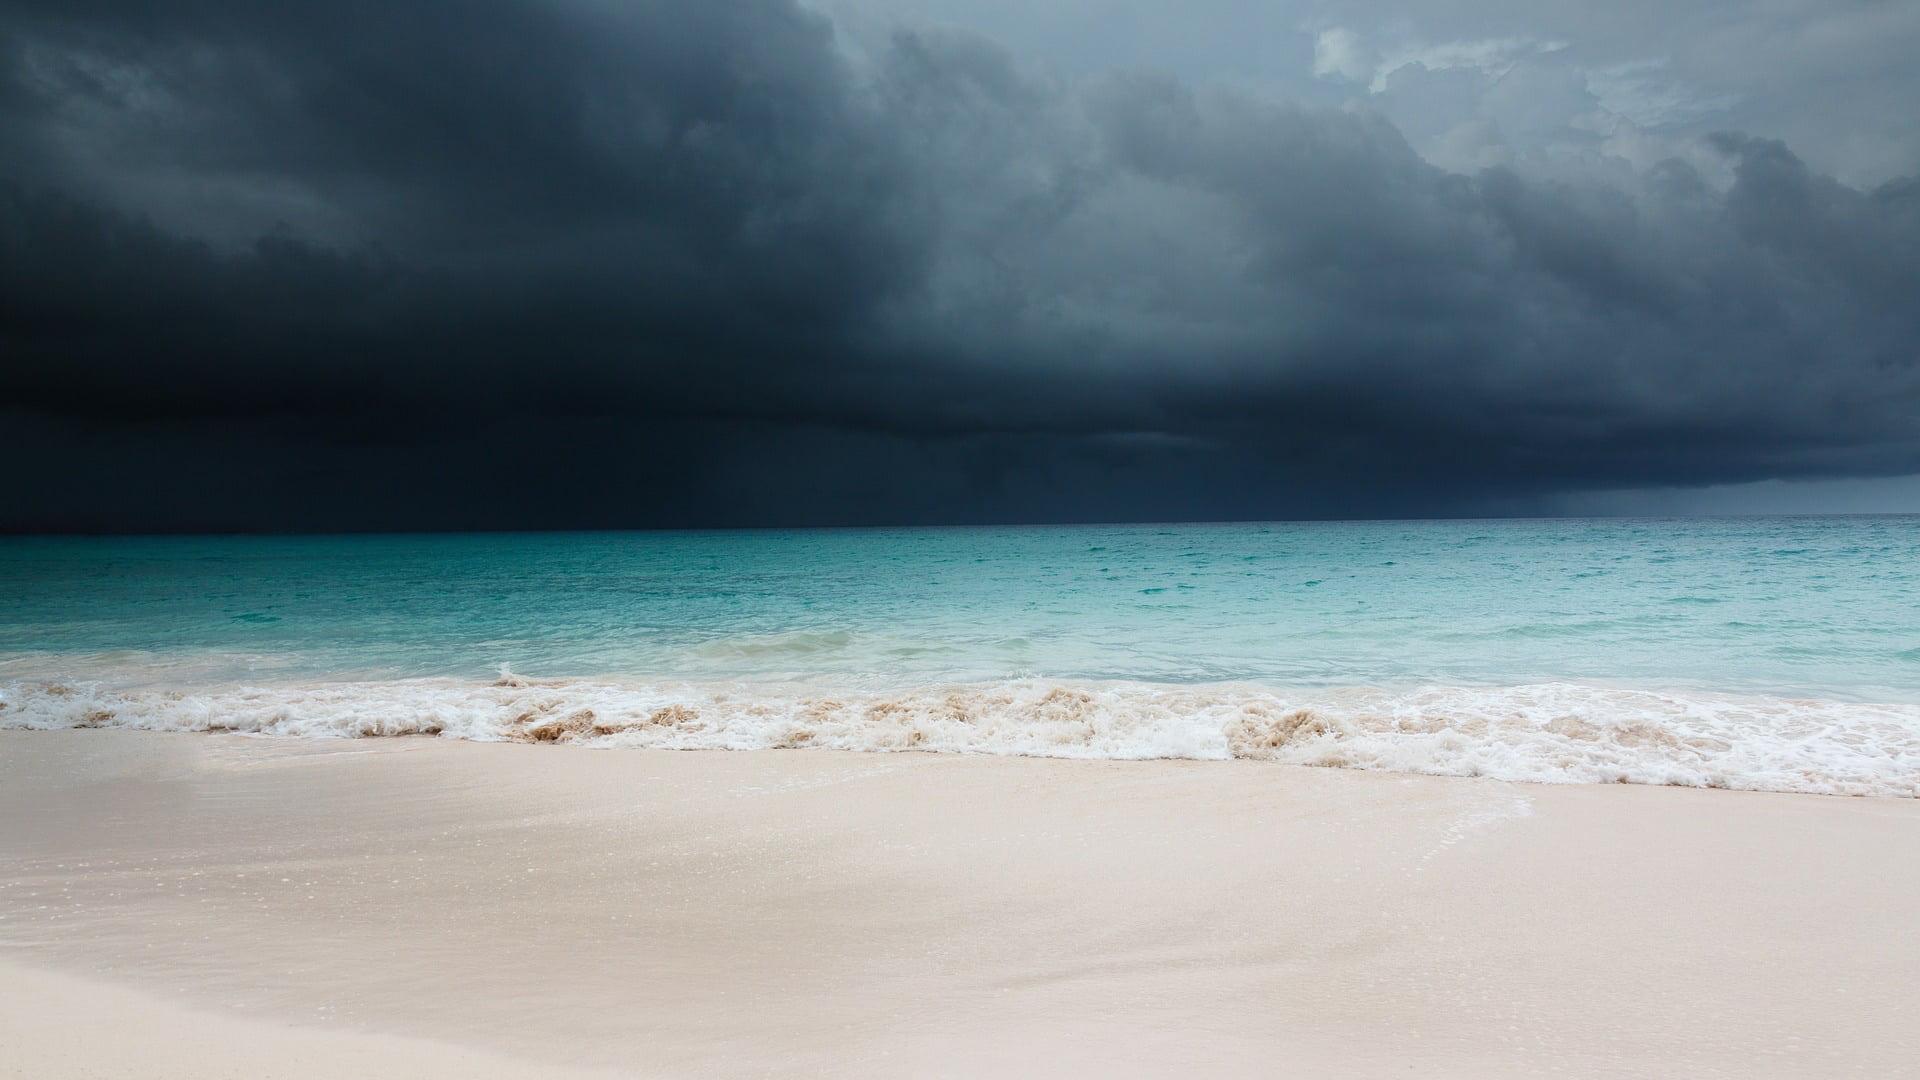 Beach scene as hurricane approaches